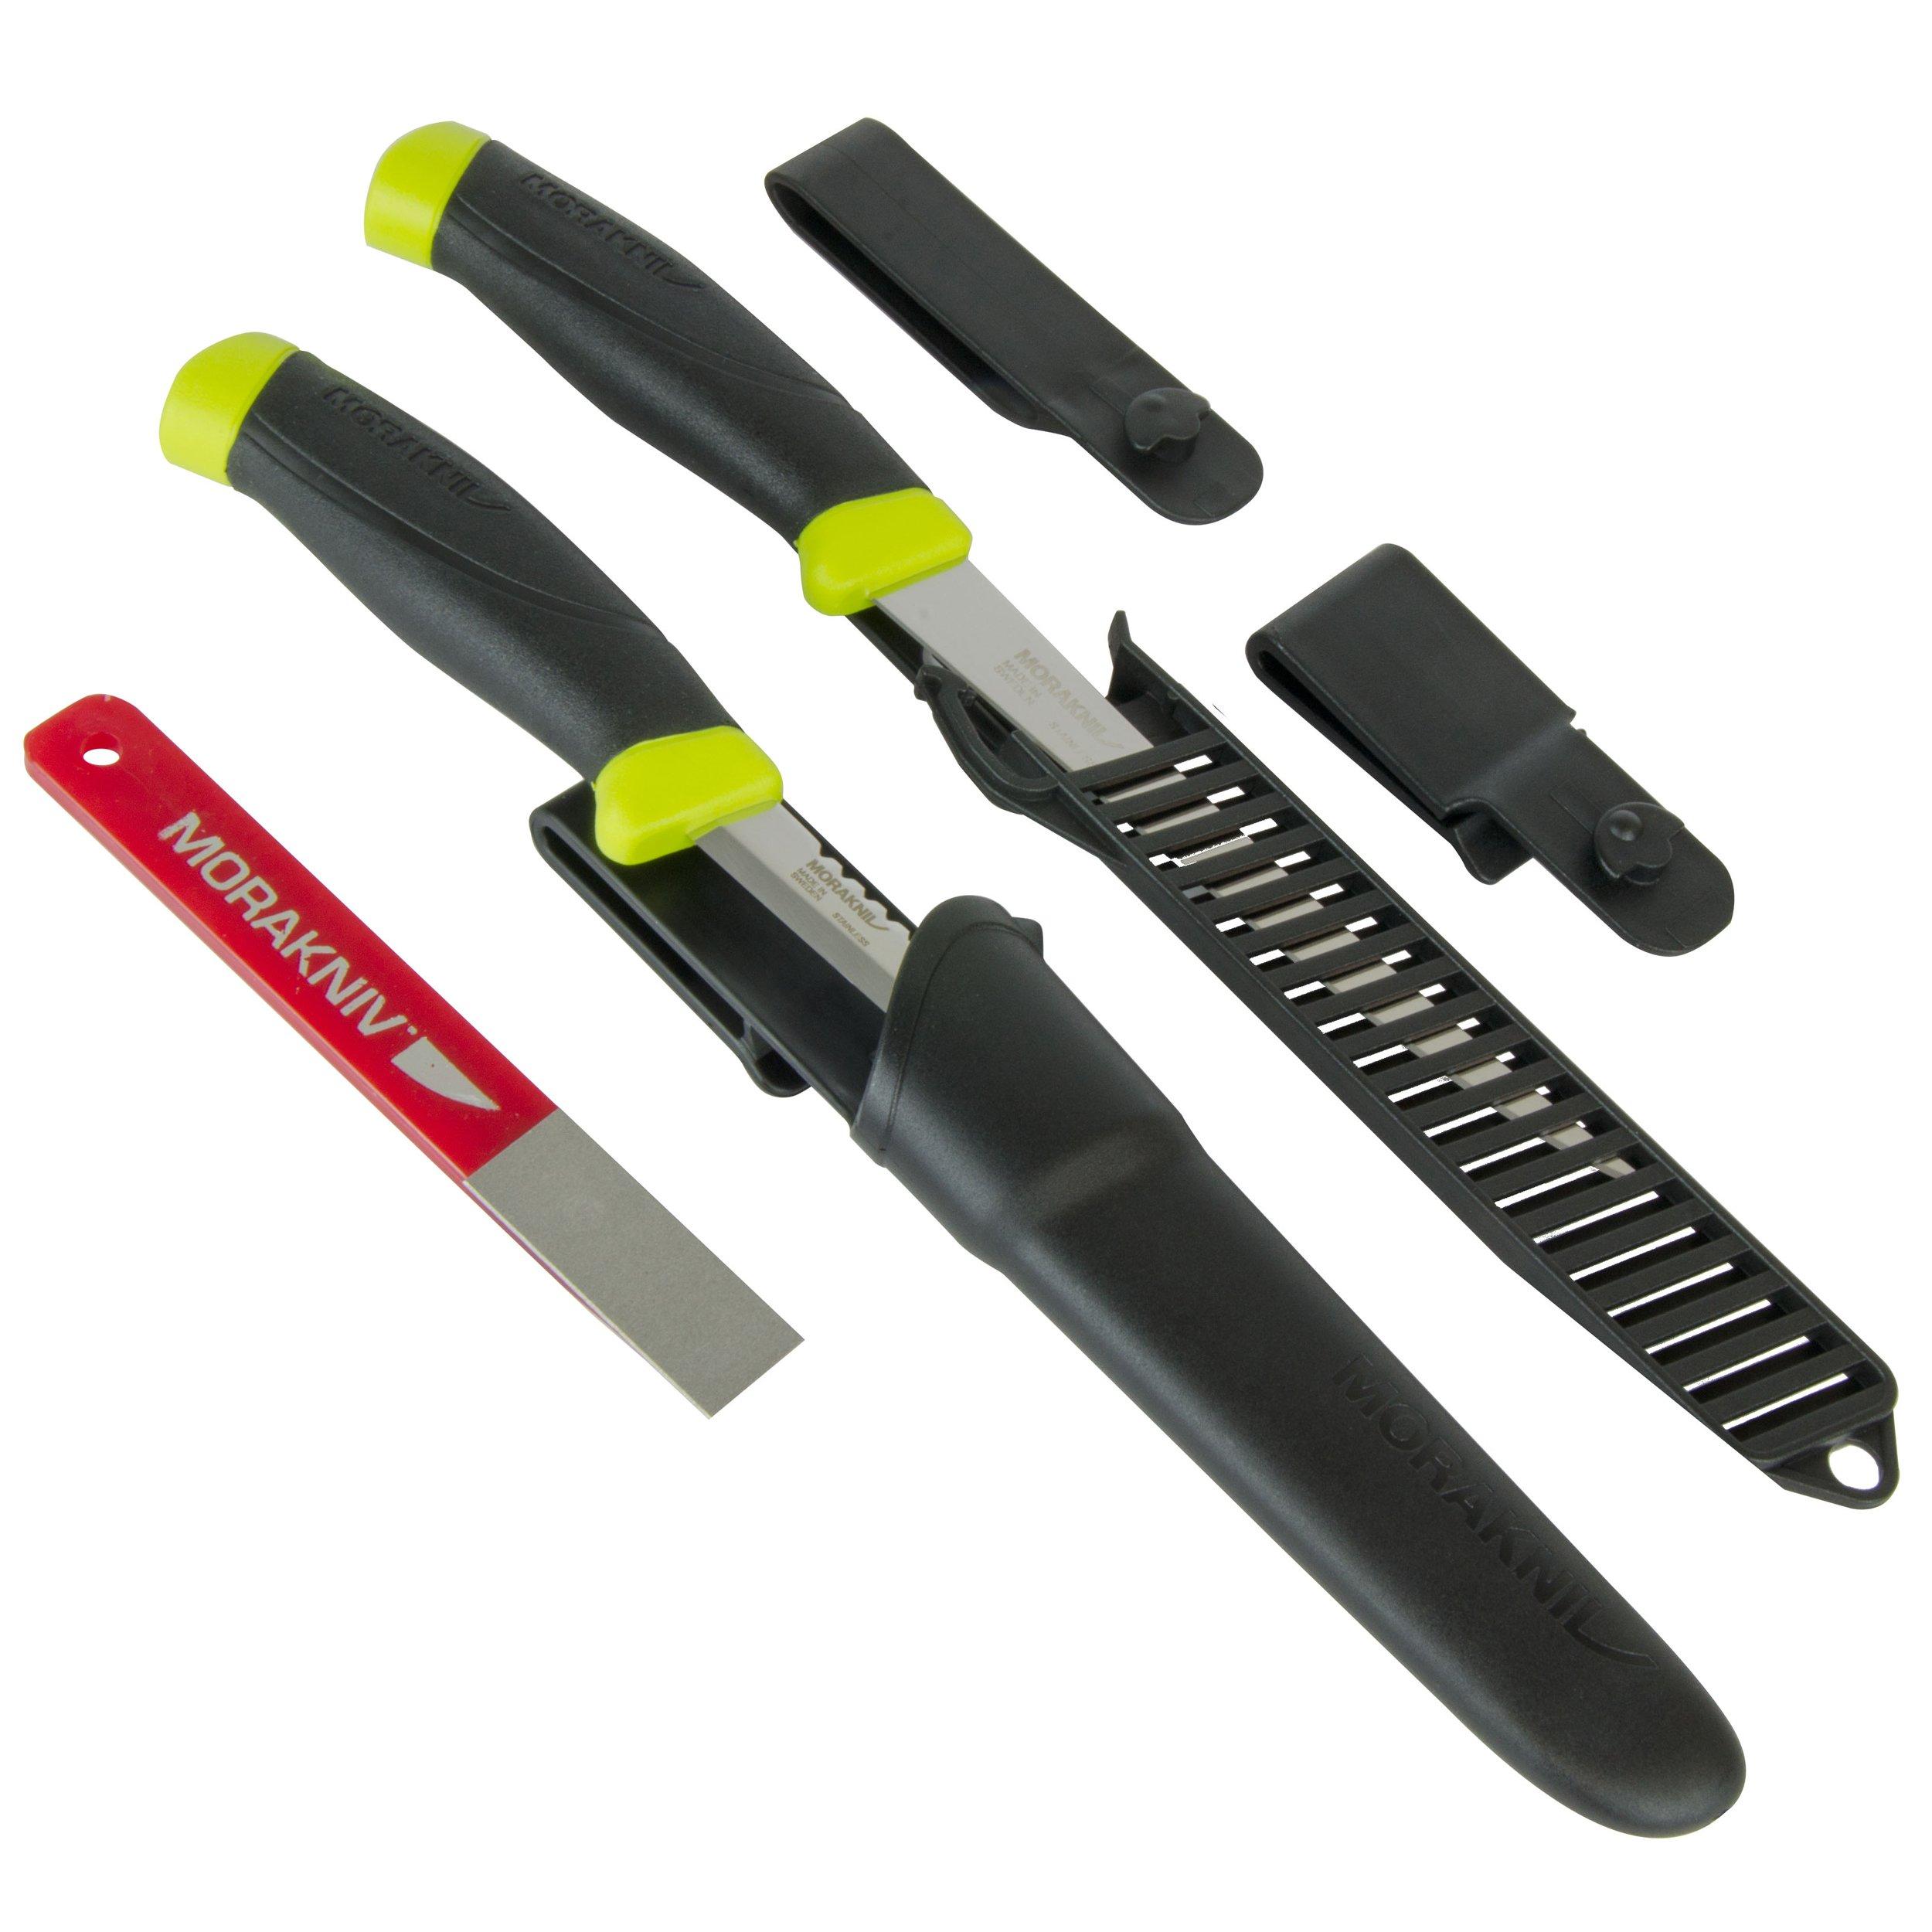 Morakniv Fishing Knife and Sharpener Set, Includes Comfort Fillet 155, Comfort Scaler 098, and Fine Diamond 600-Grit Sharpener